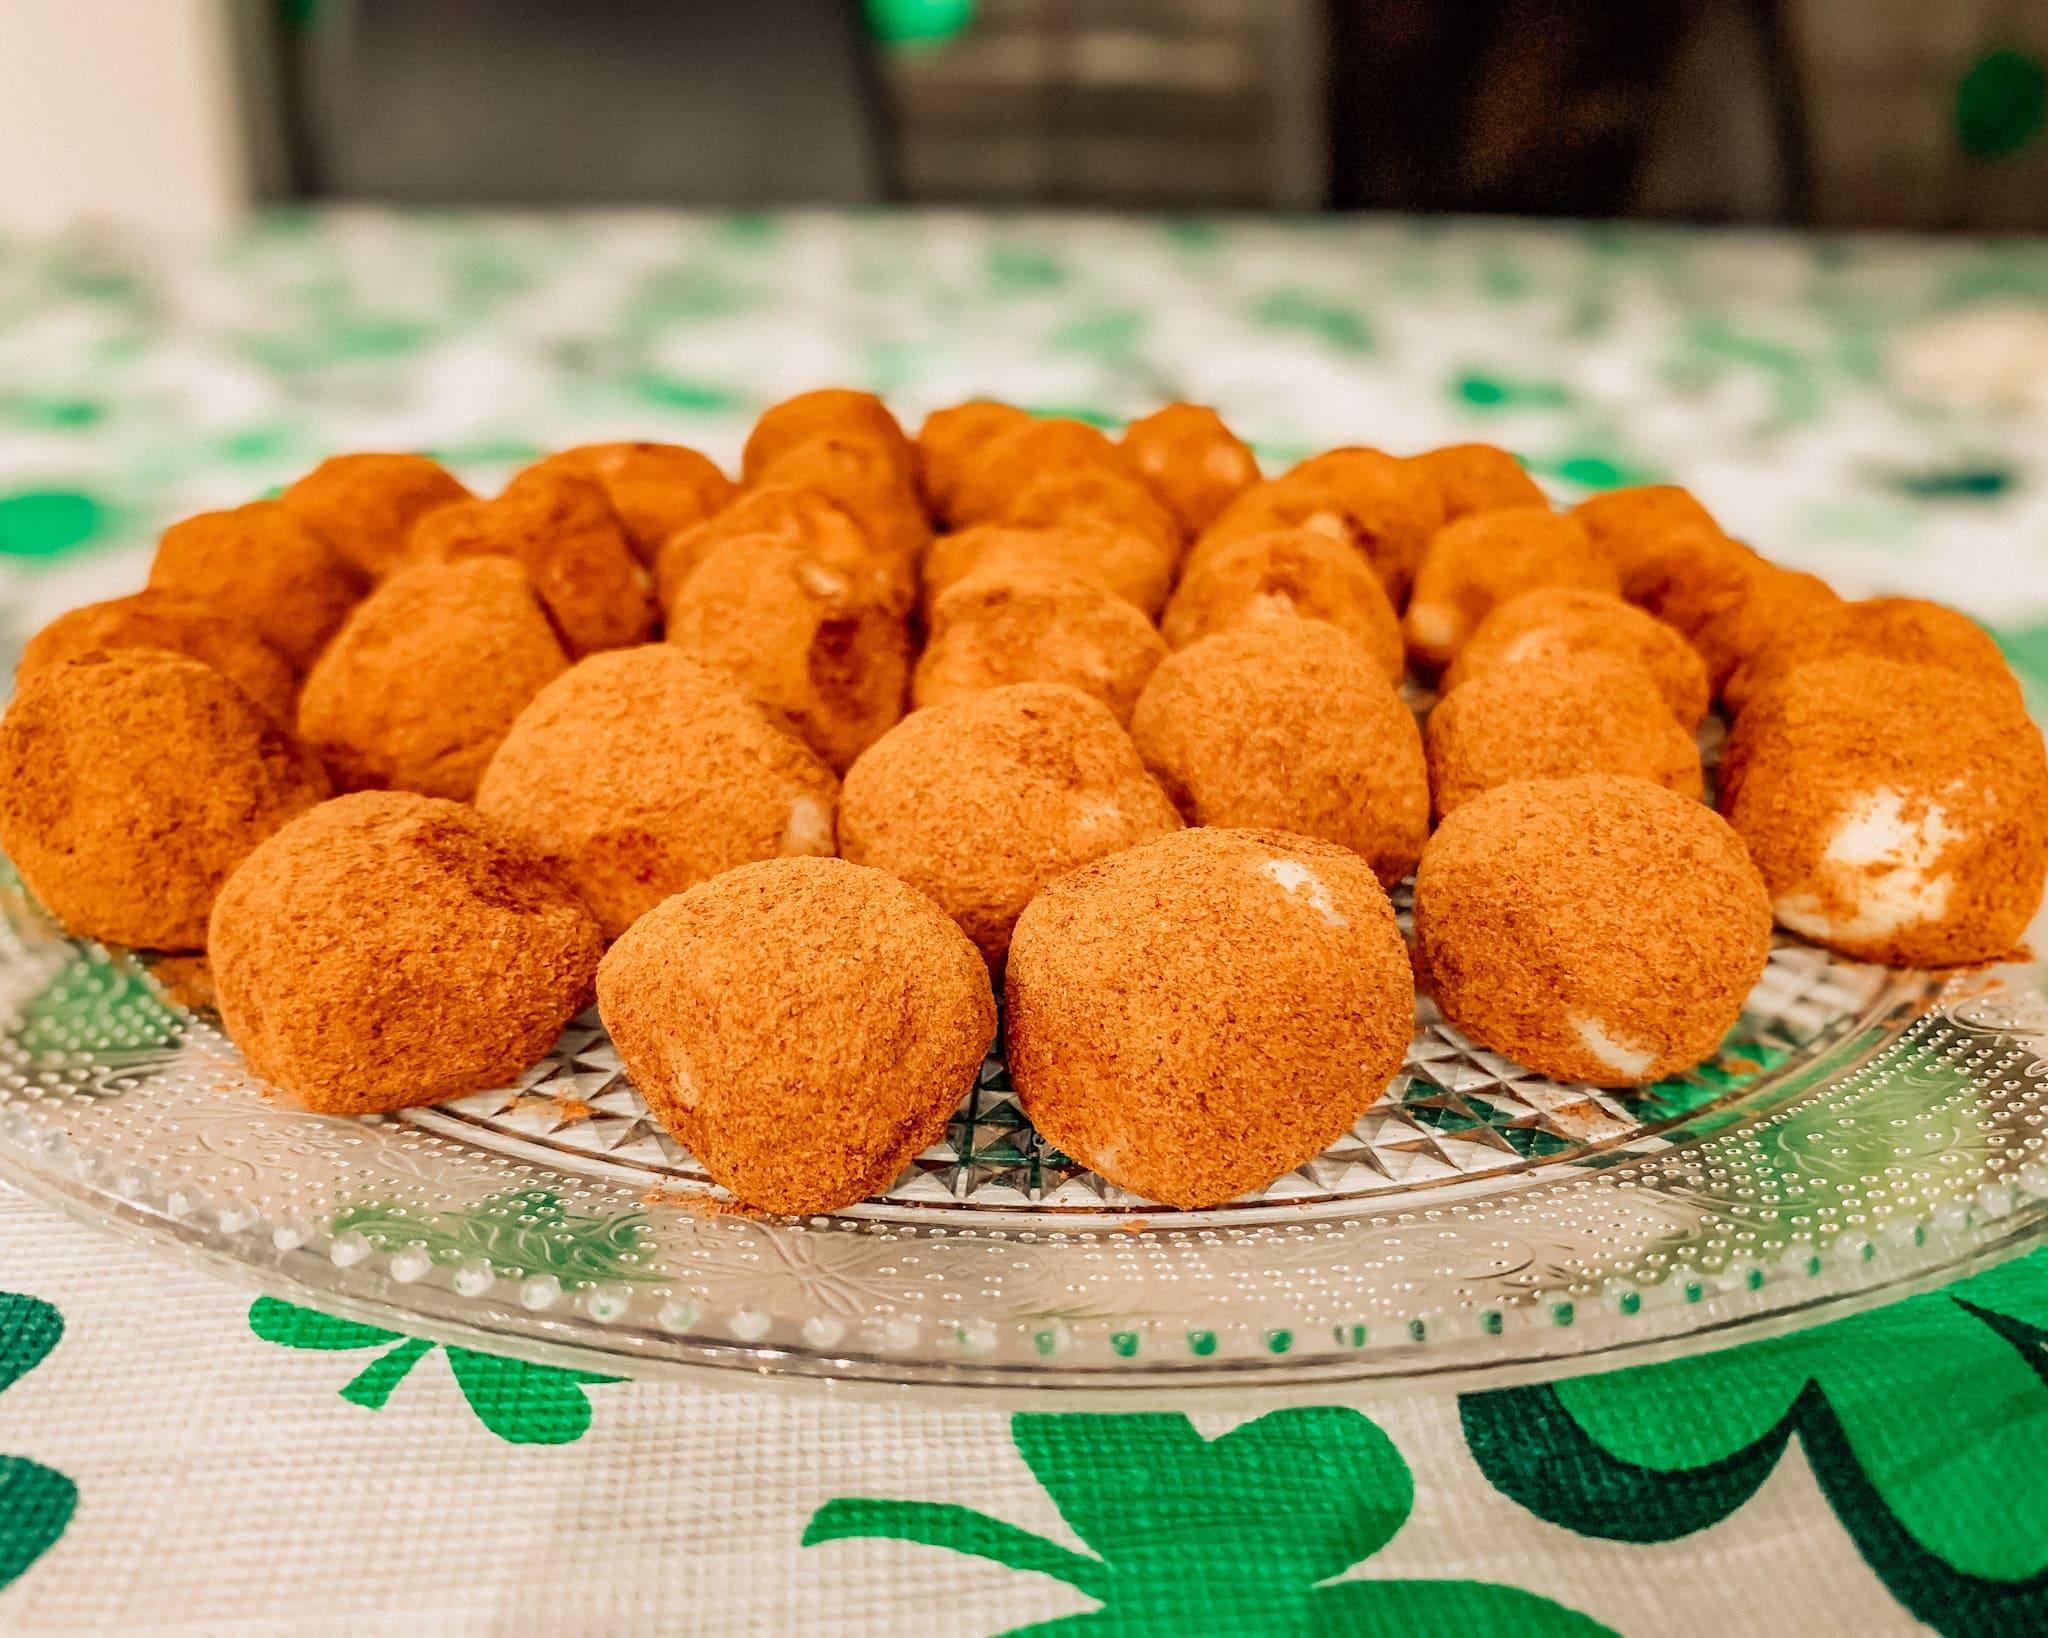 Gli irish potatoes sono deliziosi bocconcini di Philadelphia amalgamato con zucchero a velo e farina di cocco. Vengono poi rotolati nella polvere di cannella. Sono una vera bontà.